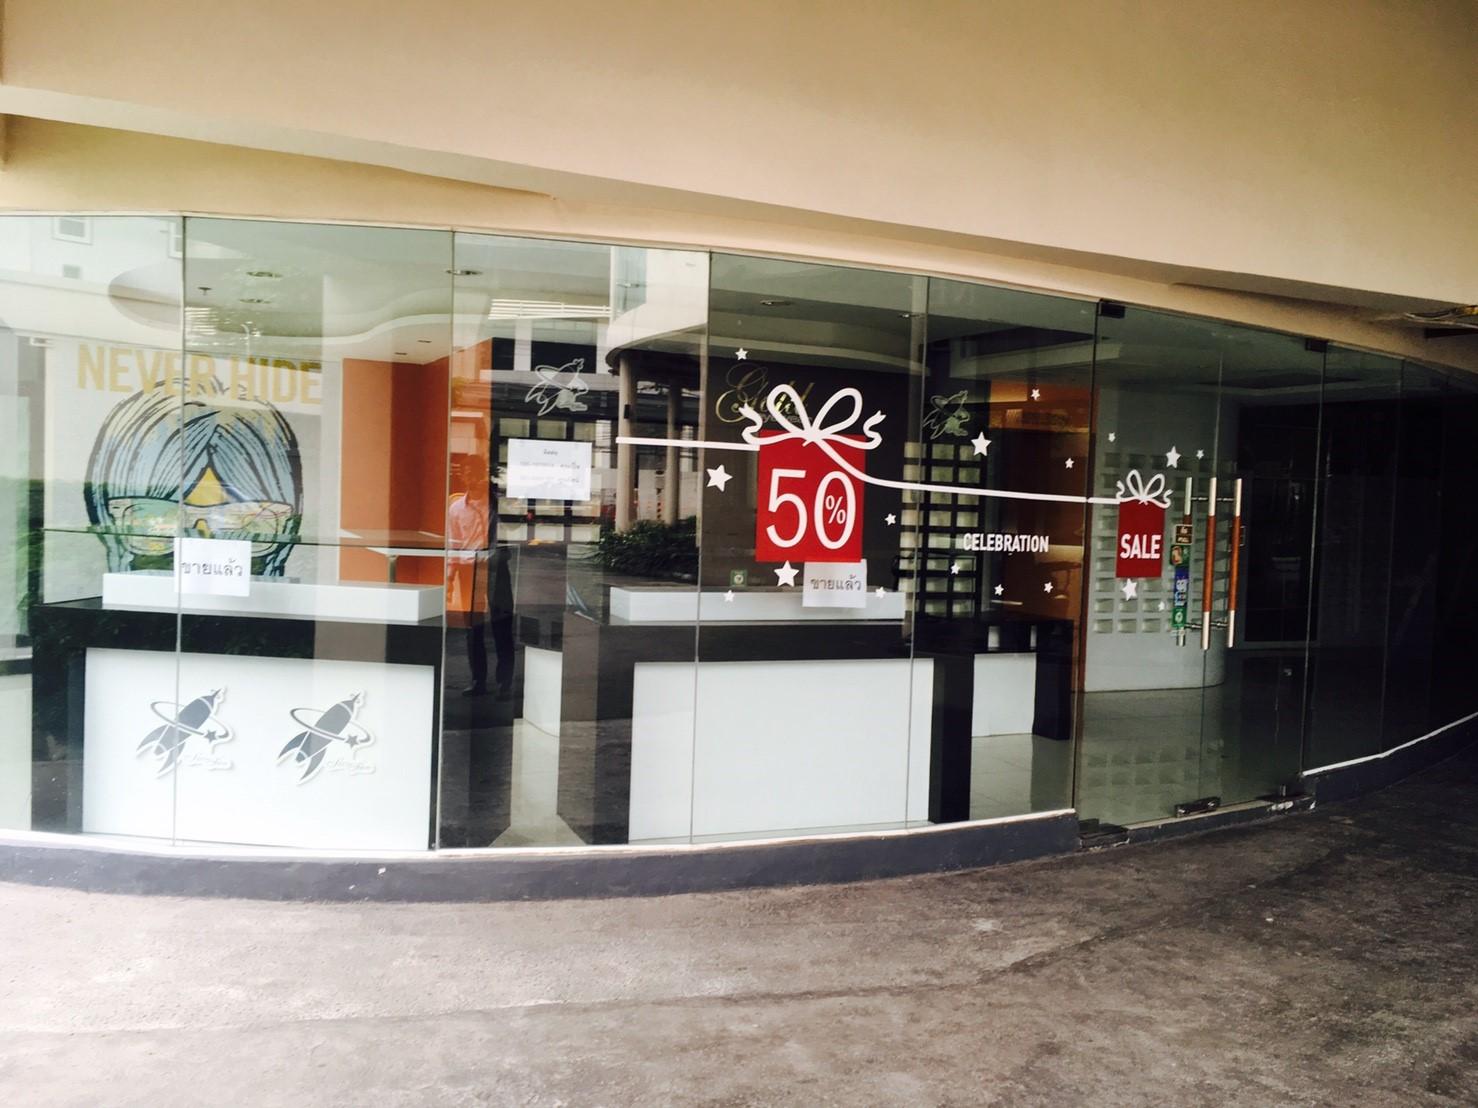 พื้นที่ร้านค้าให้เช่าตกแต่งครบขนาด 70.15 ตารางเมตร